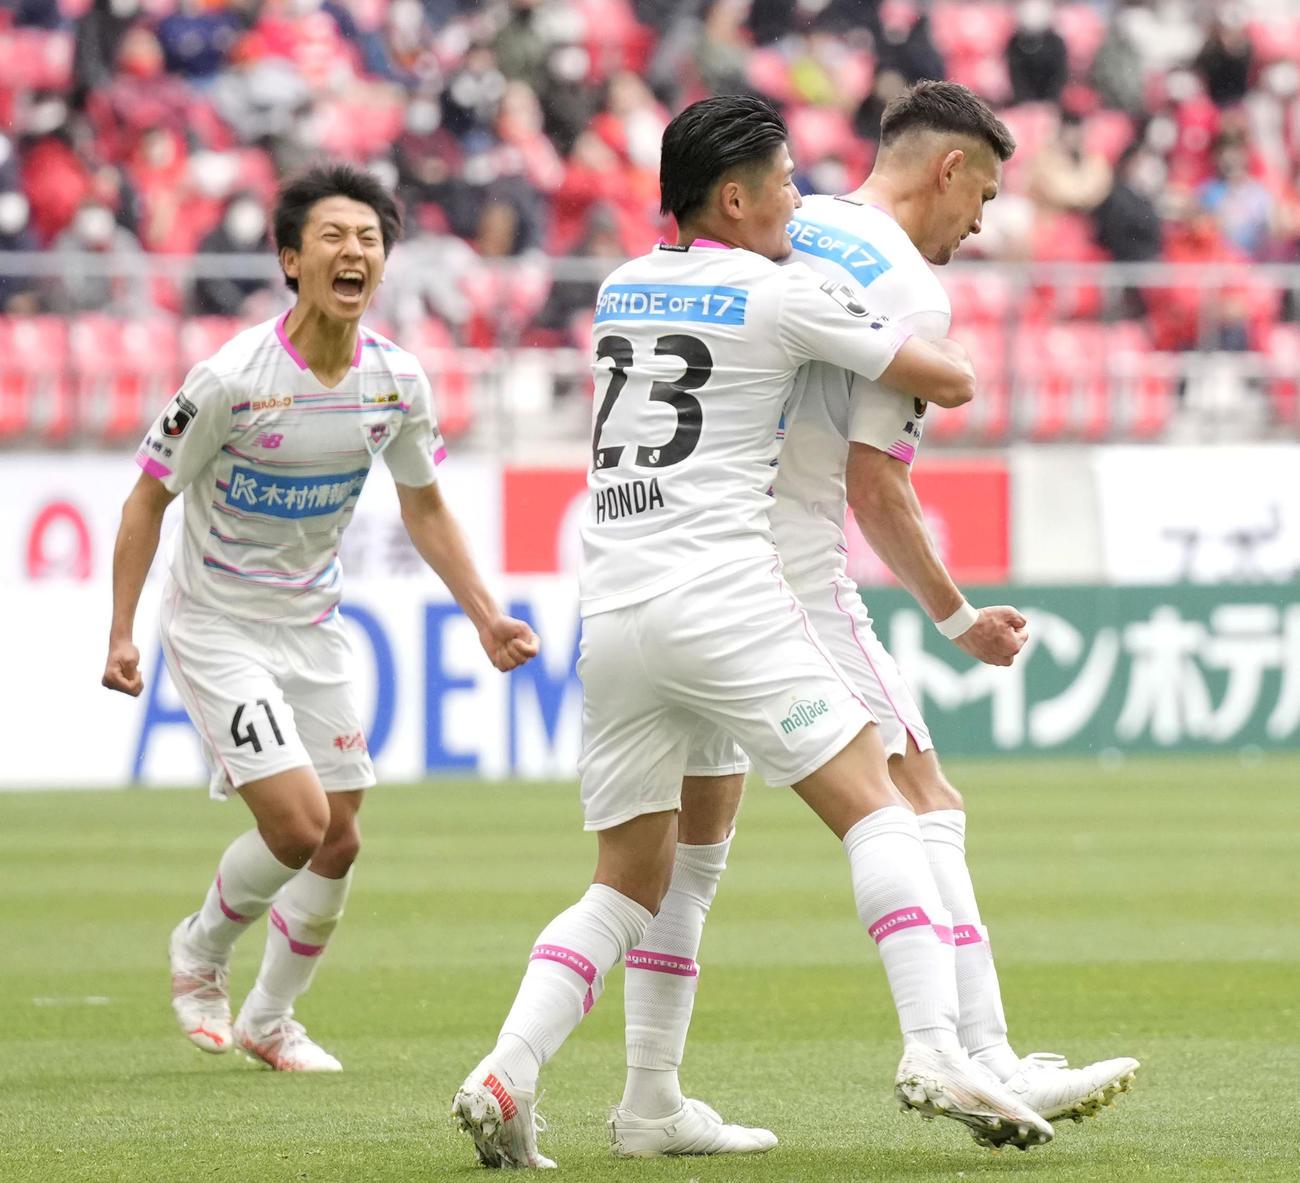 名古屋-鳥栖 前半、チーム2点目のゴールを決め、鳥栖本田に祝福される酒井(右)(共同)